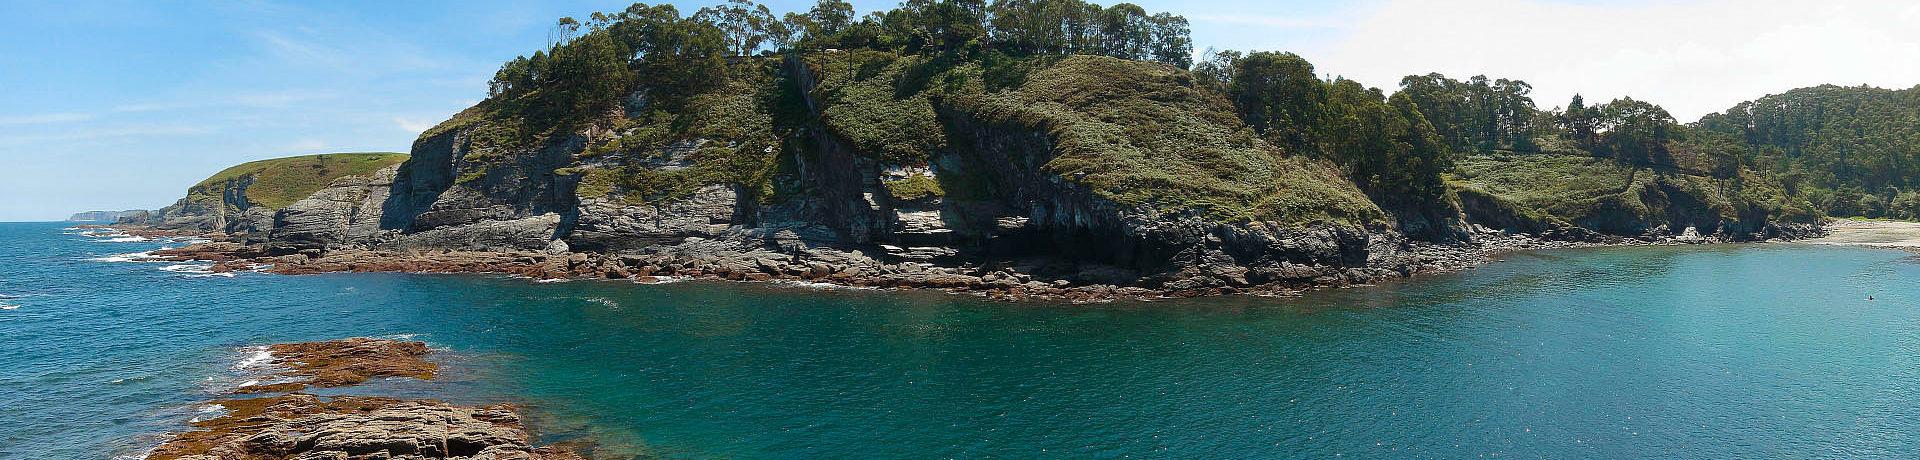 Camping Playa de Tauránin Luarca is een prachtige natuurcamping in Asturië in Noord-Spanje.